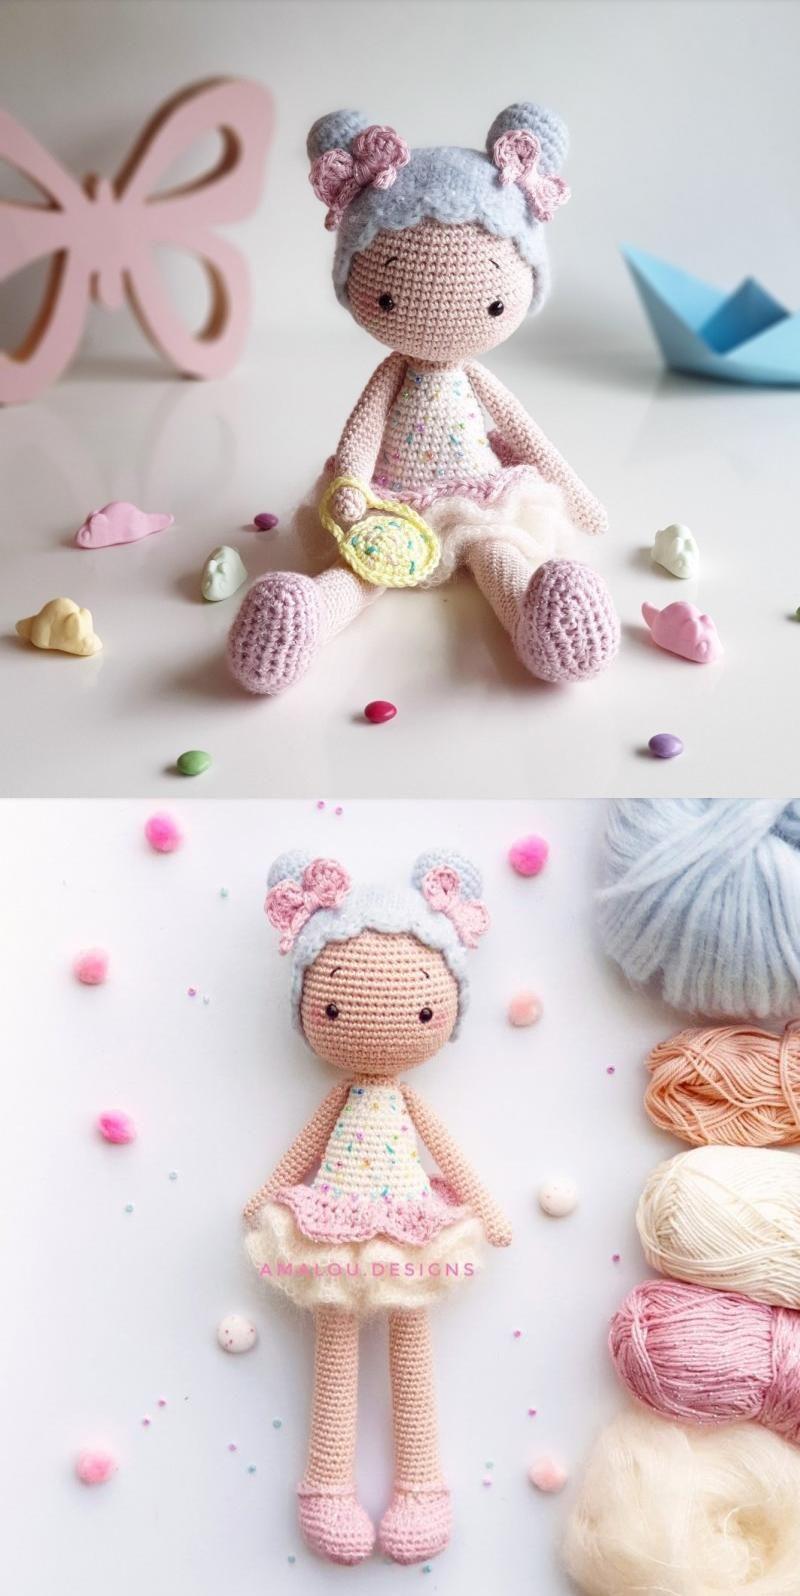 Crochet doll PATTERN, AMIGURUMI pattern, amigurumi doll pdf ... | 1596x800